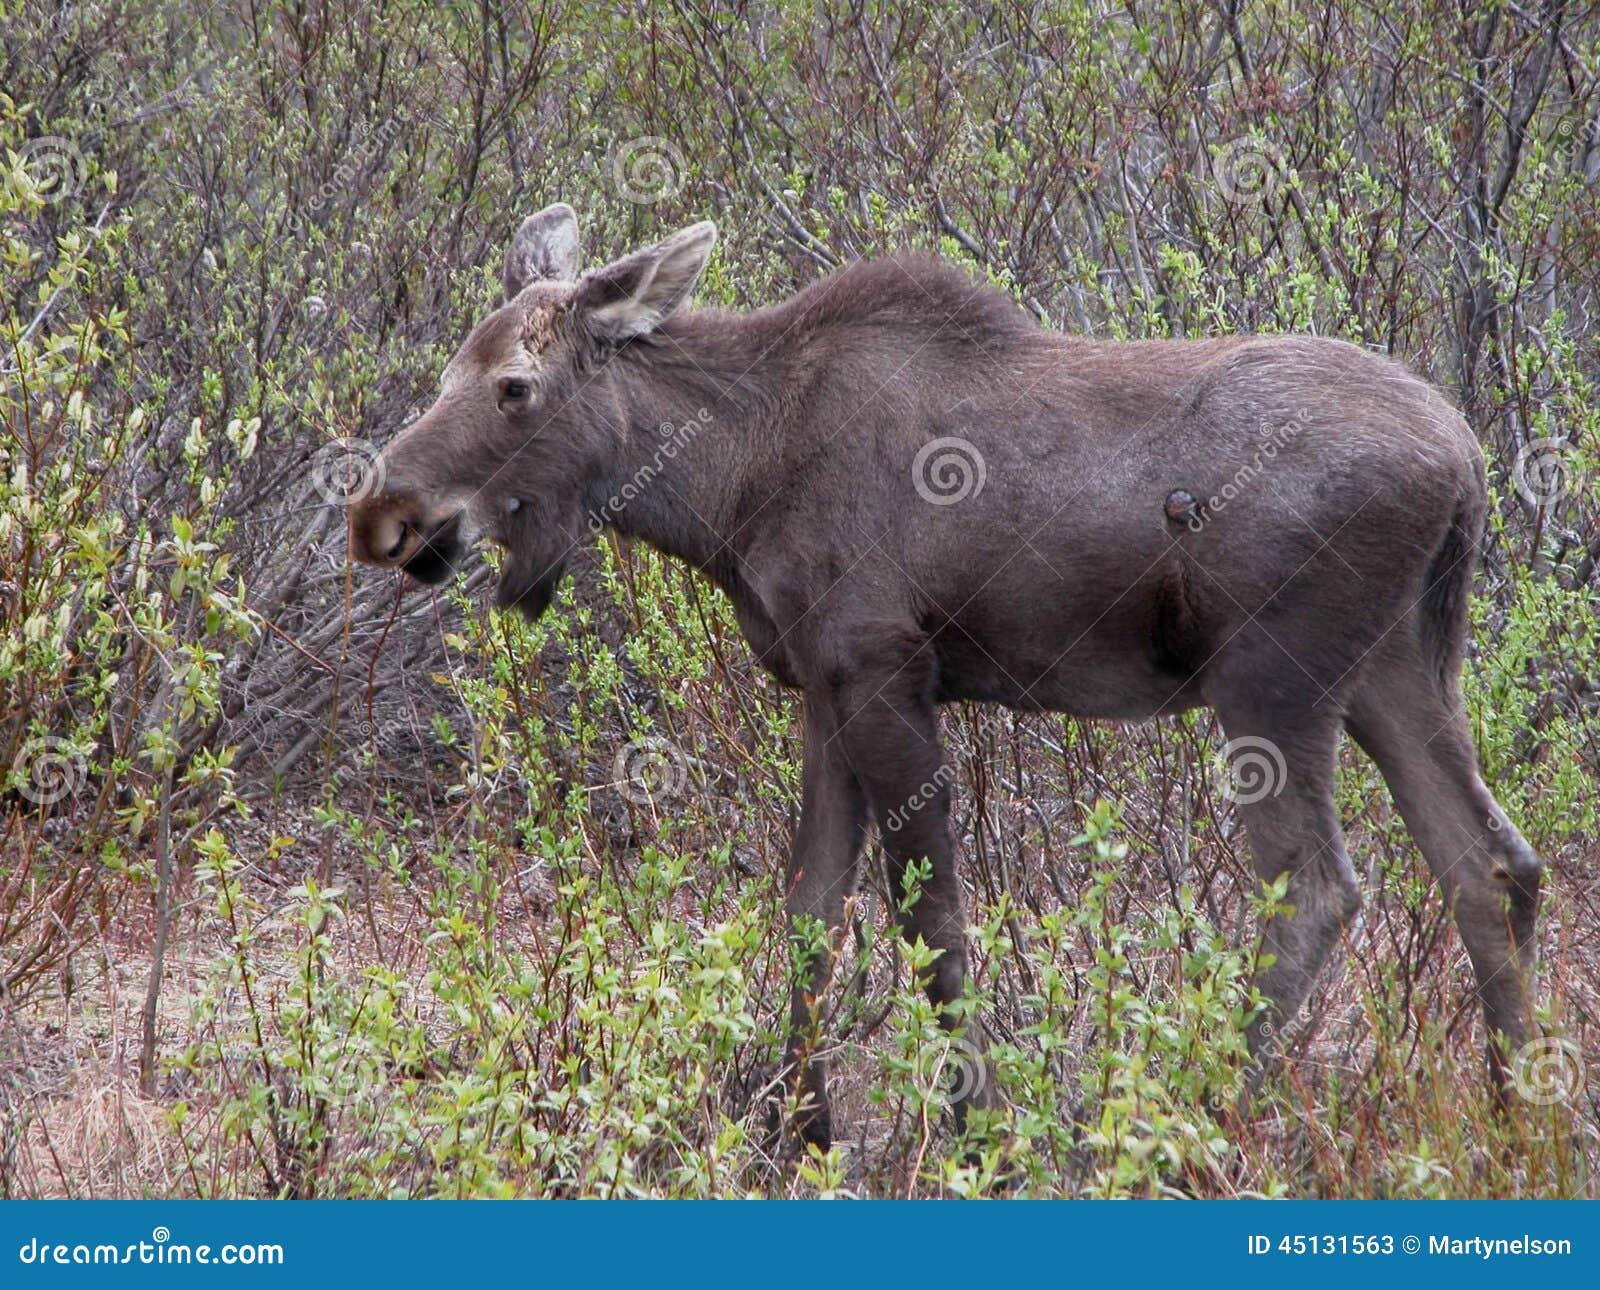 Eurasian elk - photo#29